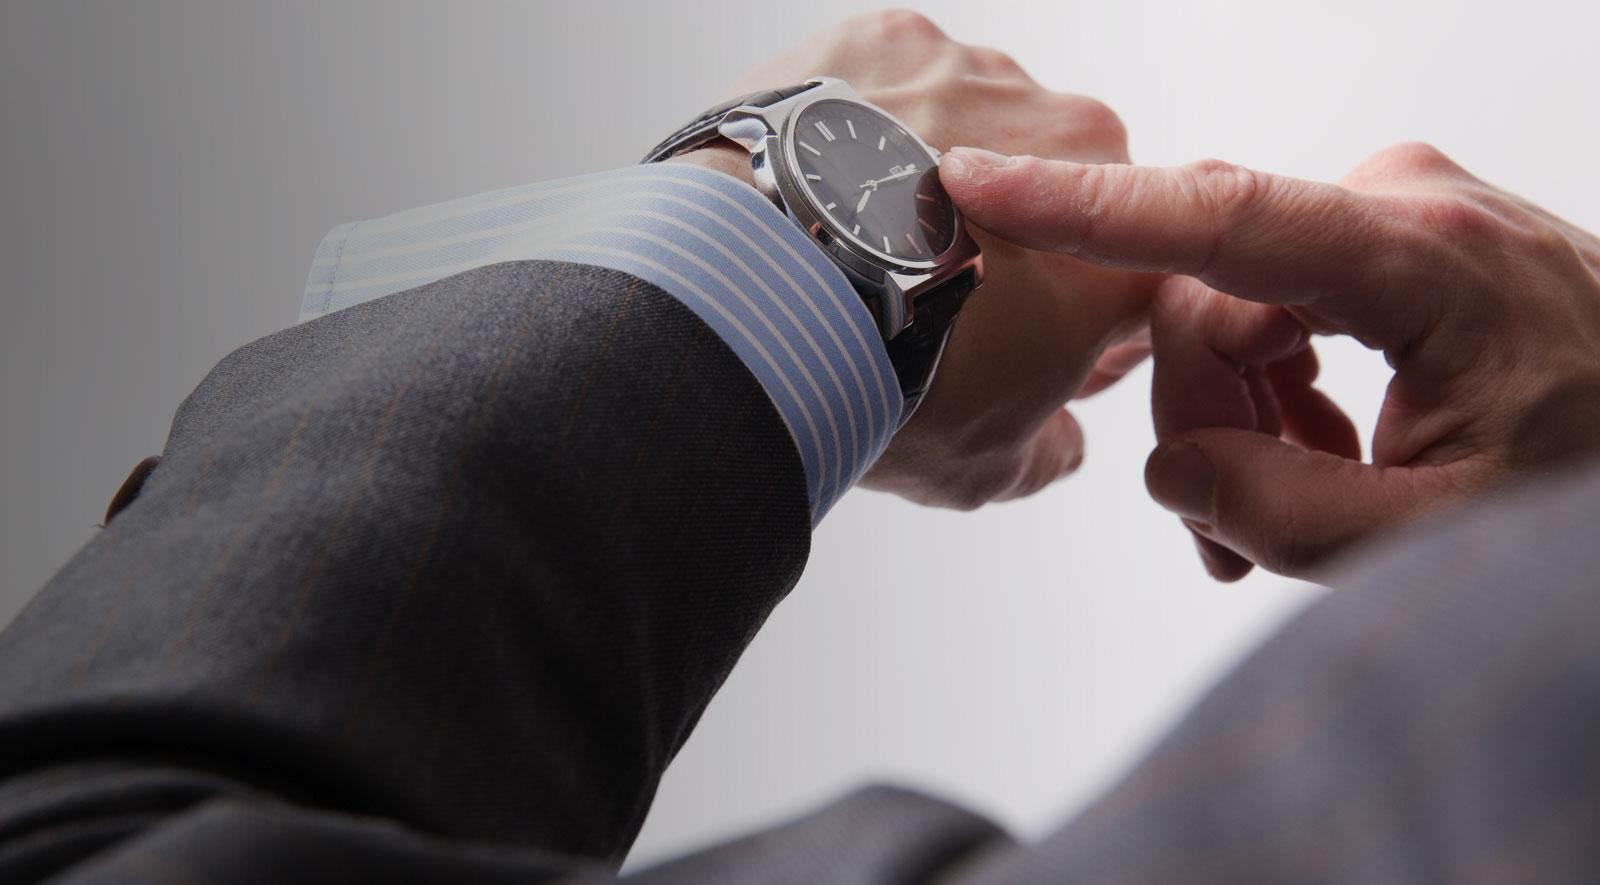 Экстренный перевыпуск карты в Альфа-Банке в случае потери за рубежом комиссией не облагается